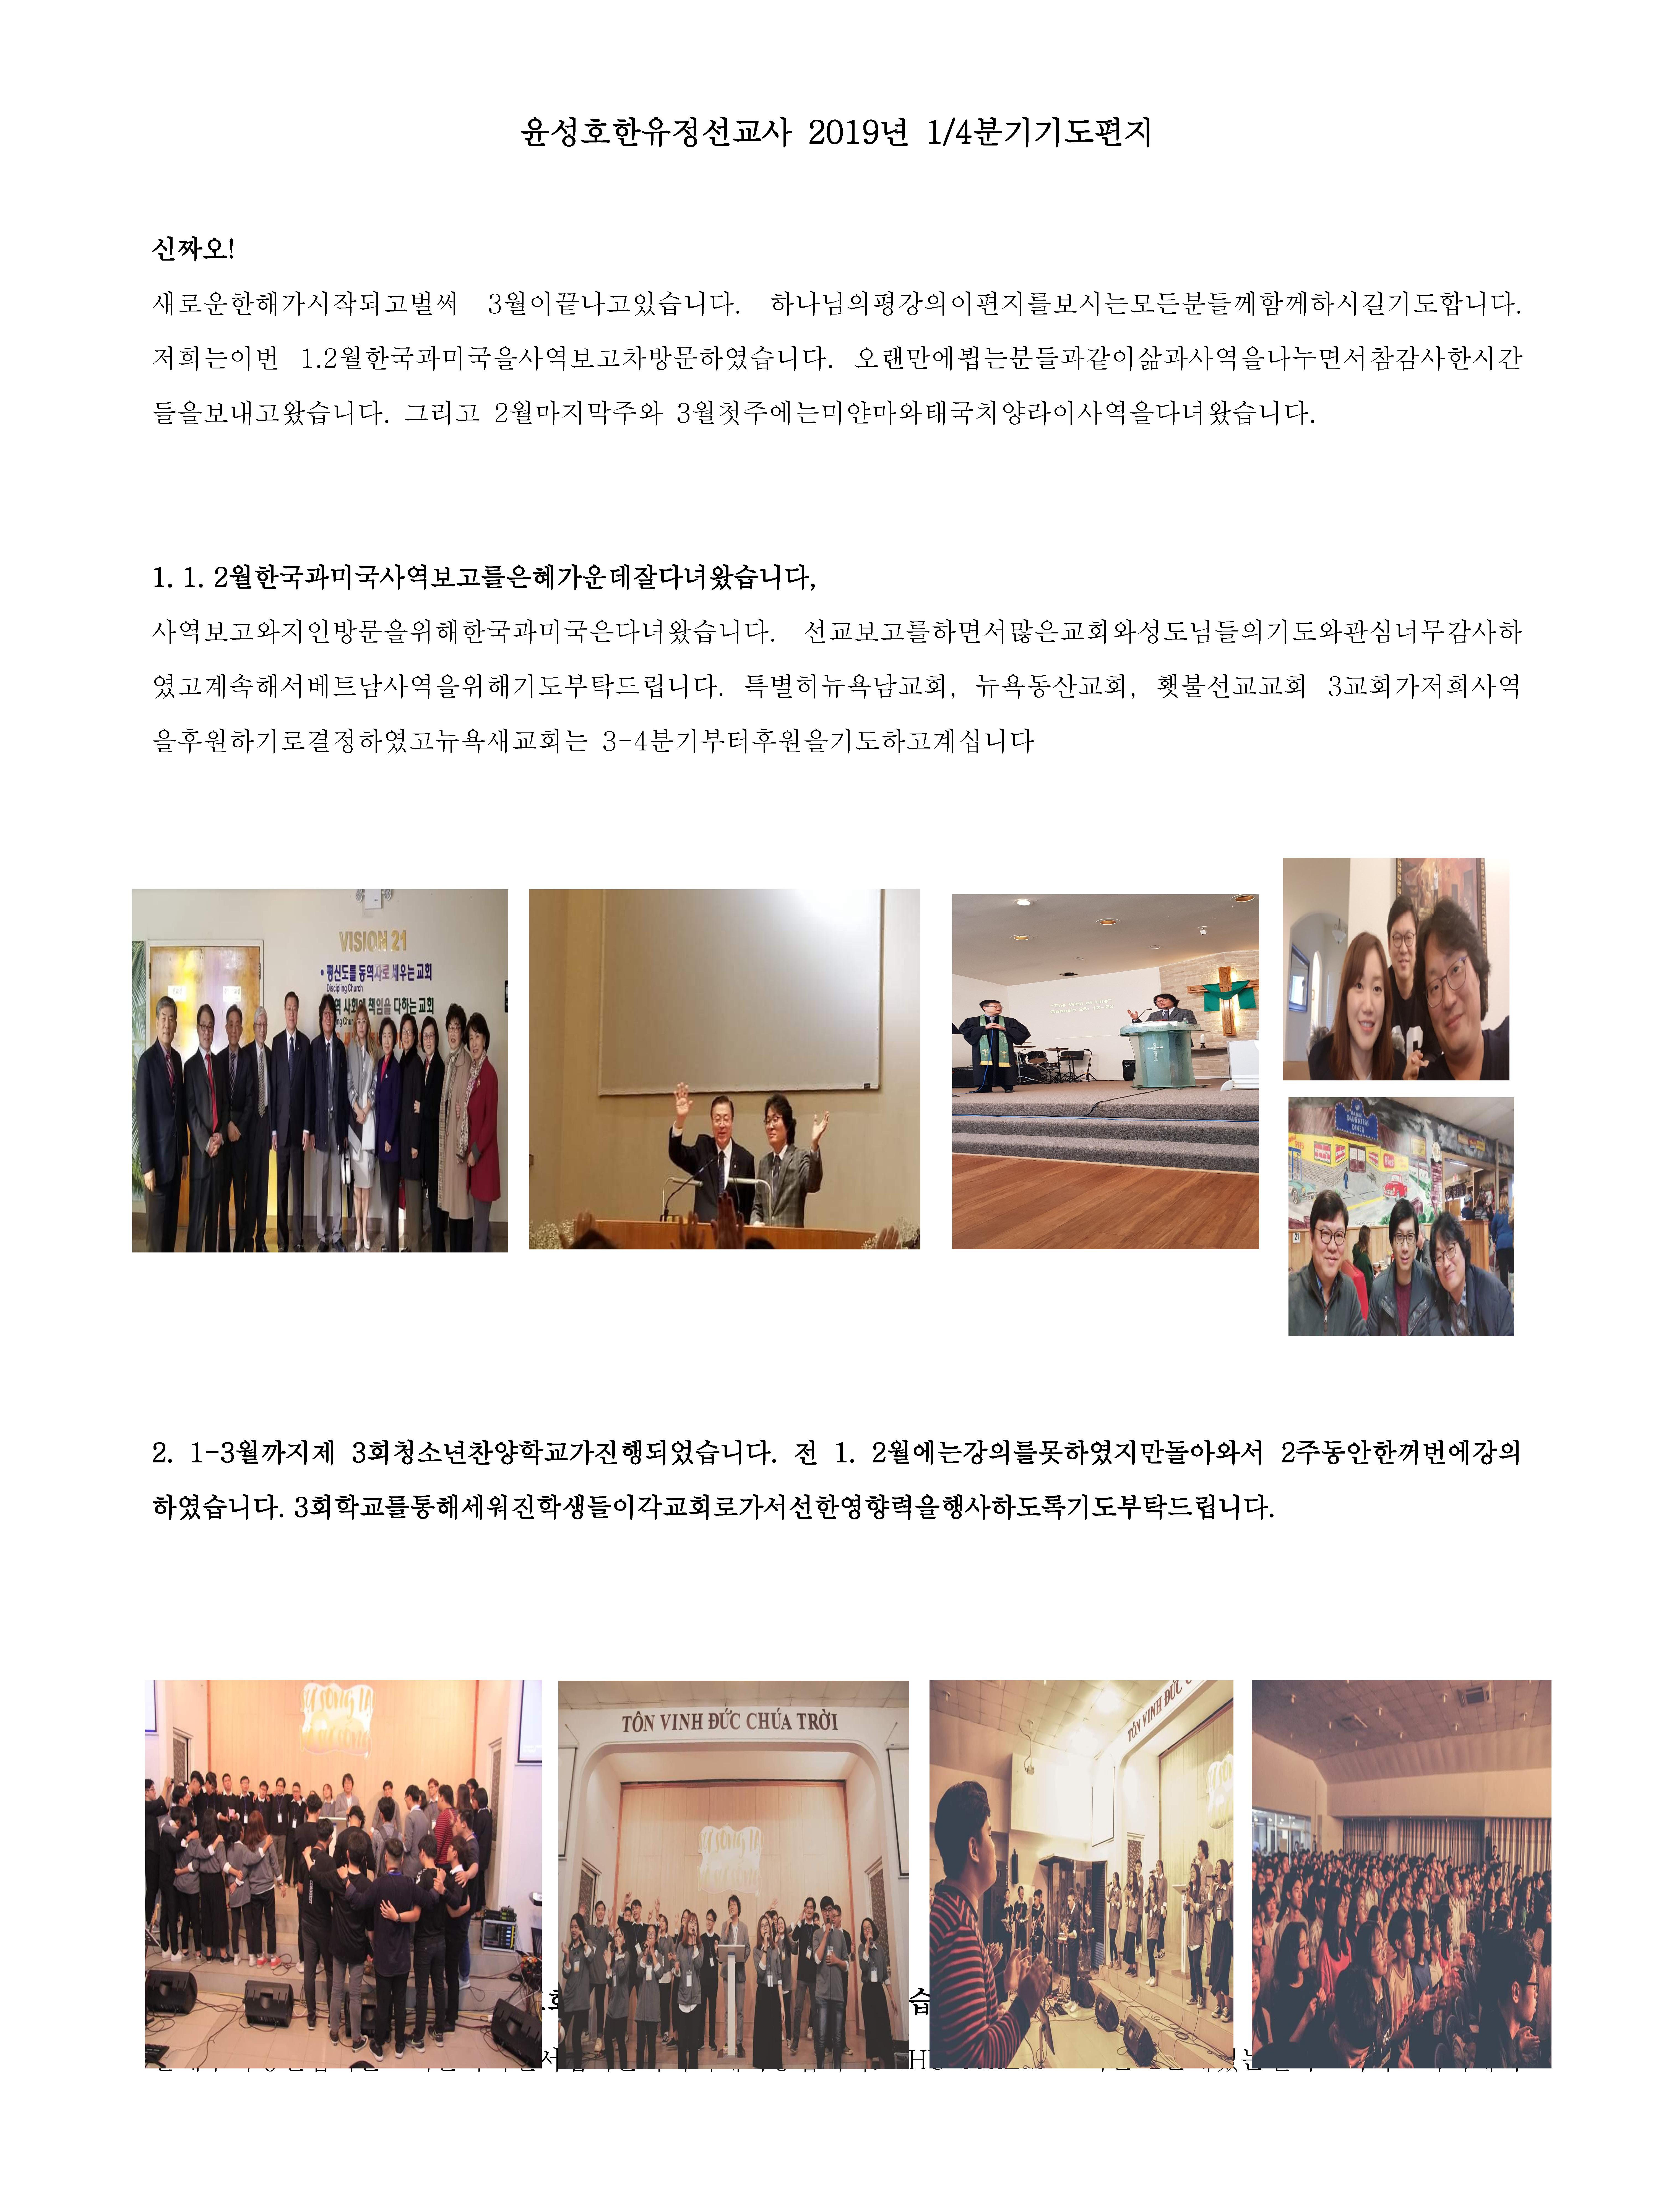 2019 1-4분기 기도편지_페이지_1.jpg